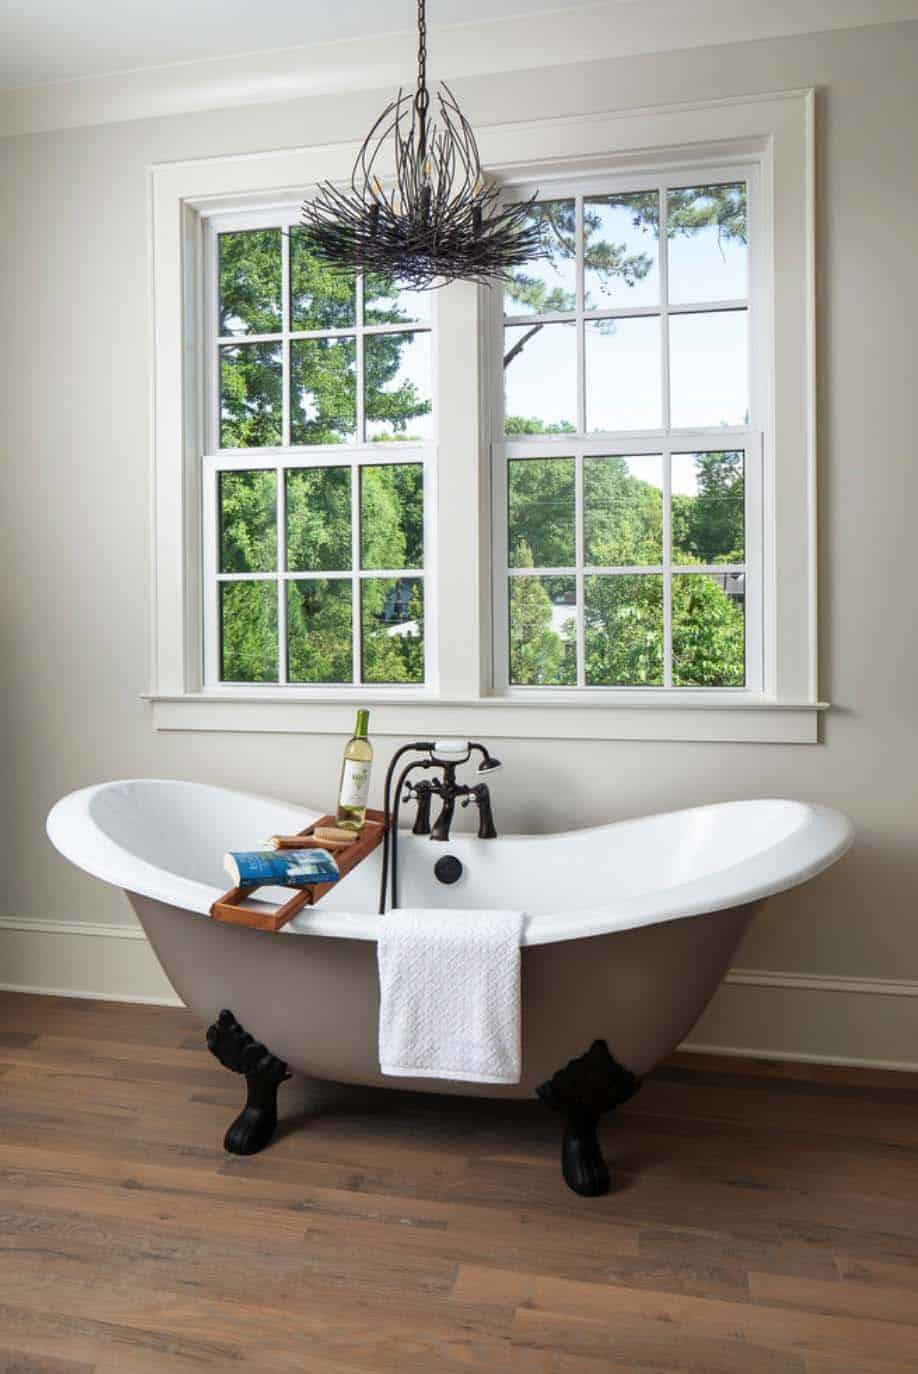 master-bath-tub-transitional-bathroom